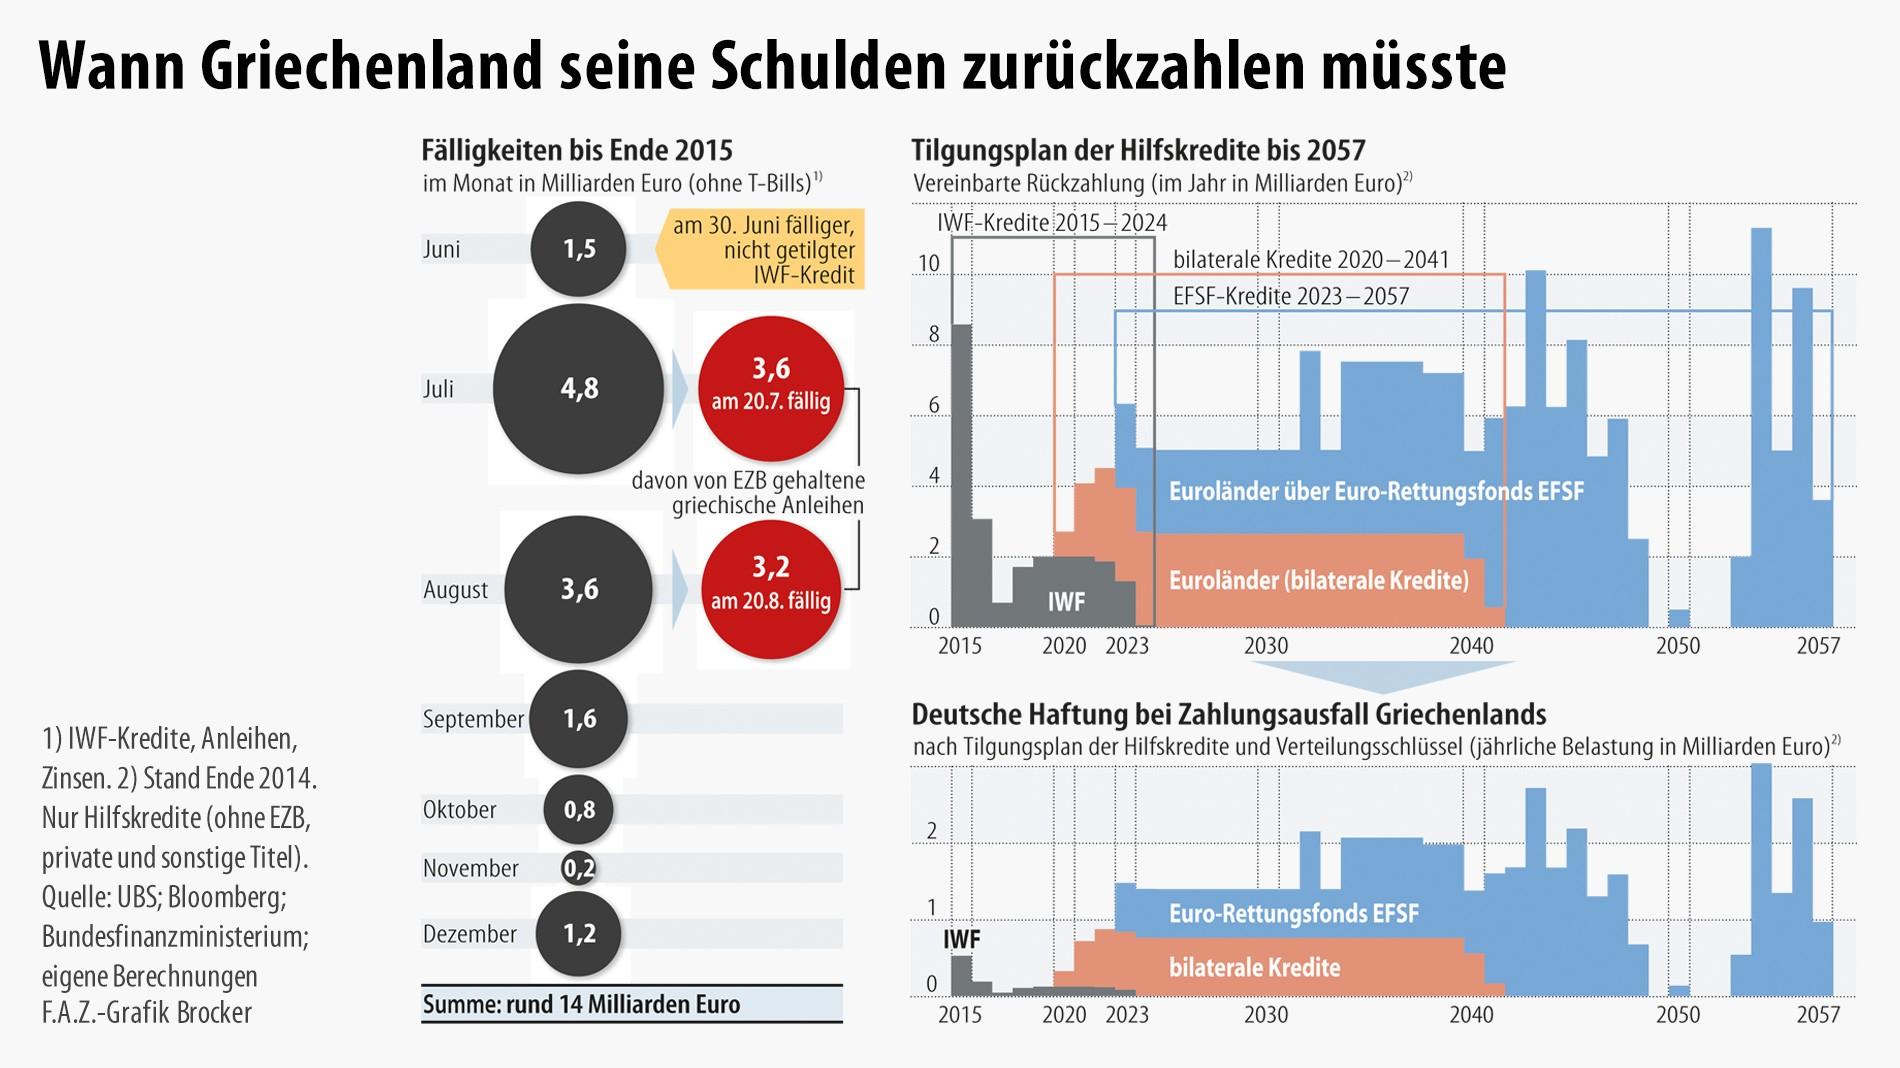 Grexit Ela Kredite Und Eine Europaweite Befragung Der Burger Ware Angemessen